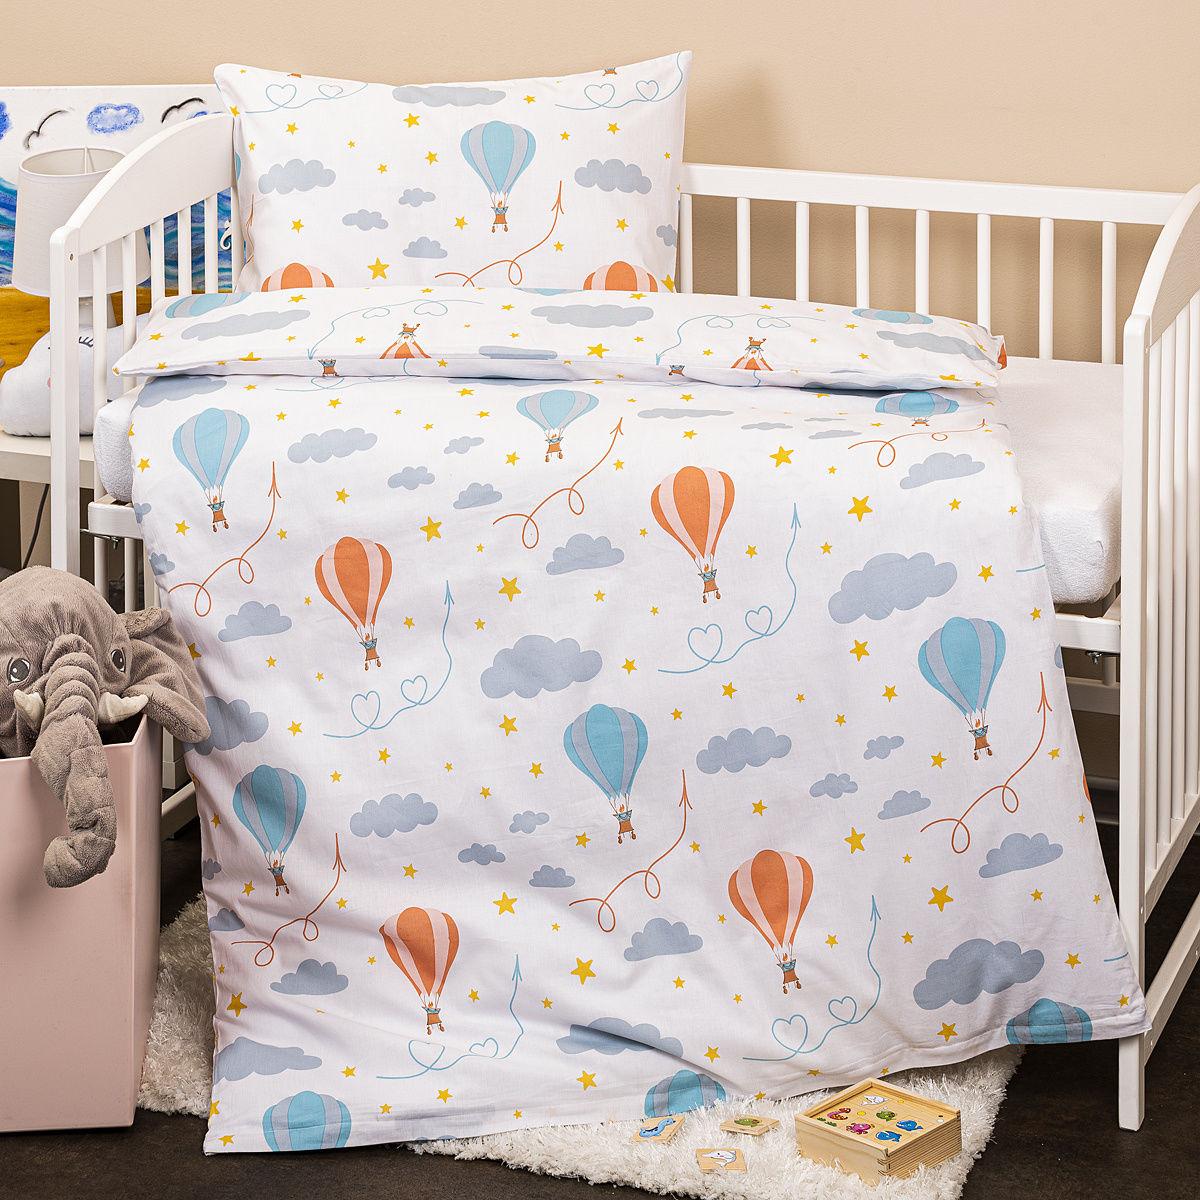 4Home Dziecięca pościel bawełniana do łóżeczka Chmurki, 100 x 135 cm, 40 x 60 cm